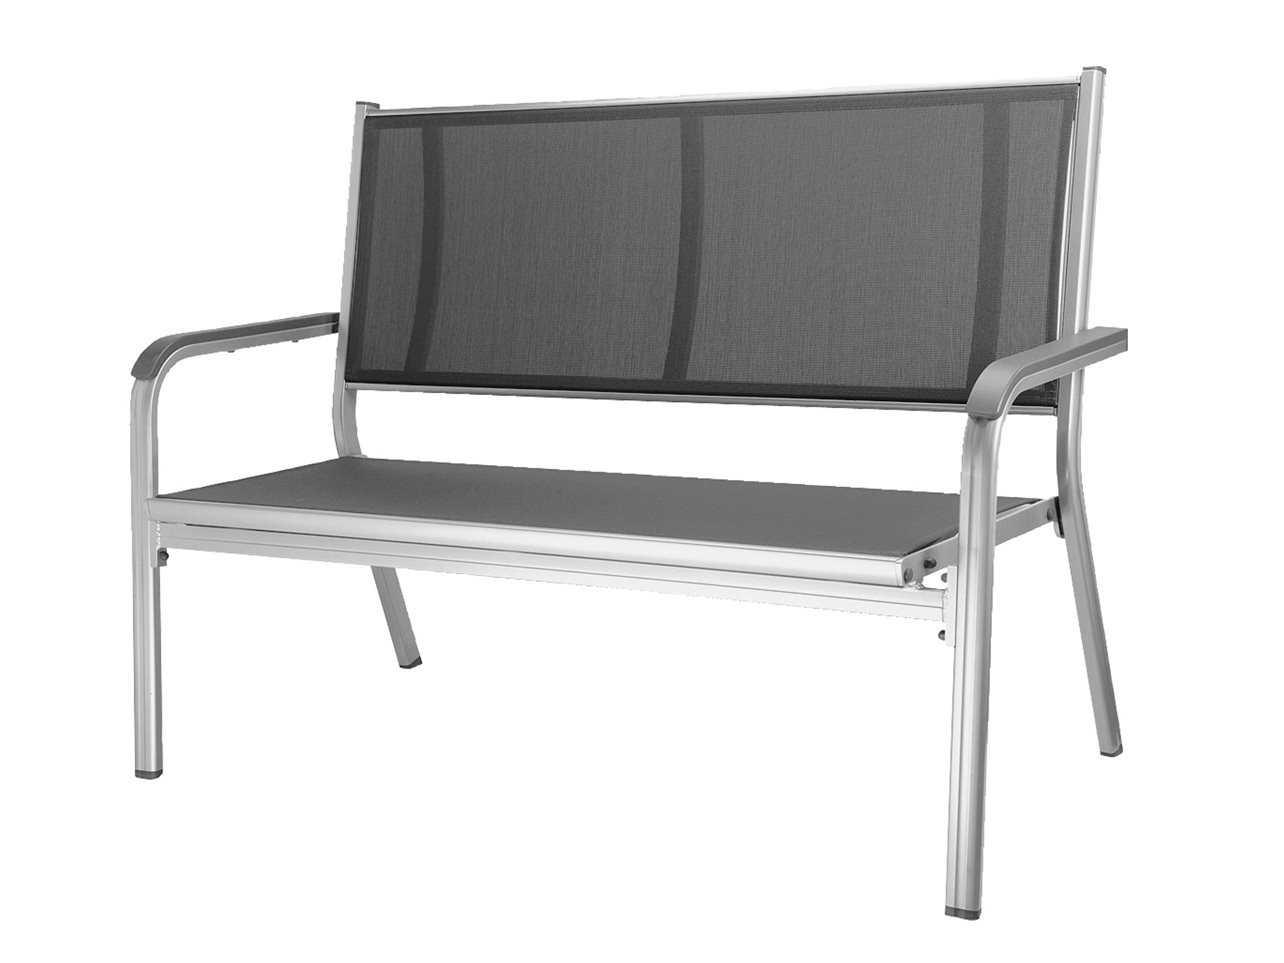 Kettler Basic Plus Bench